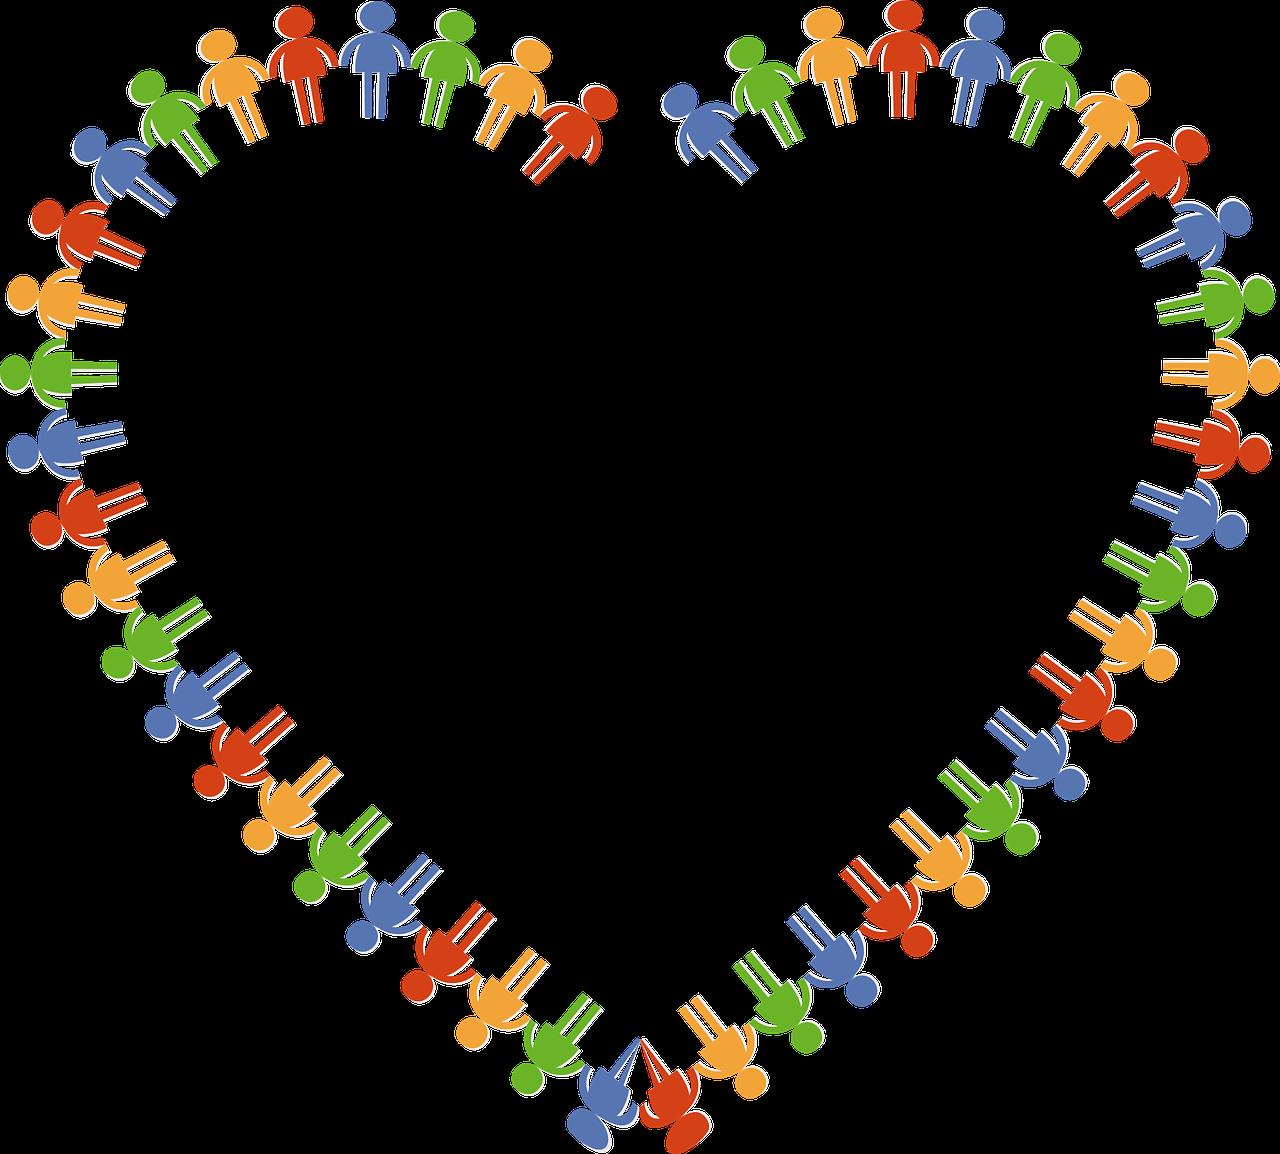 Compassion, partage, unité